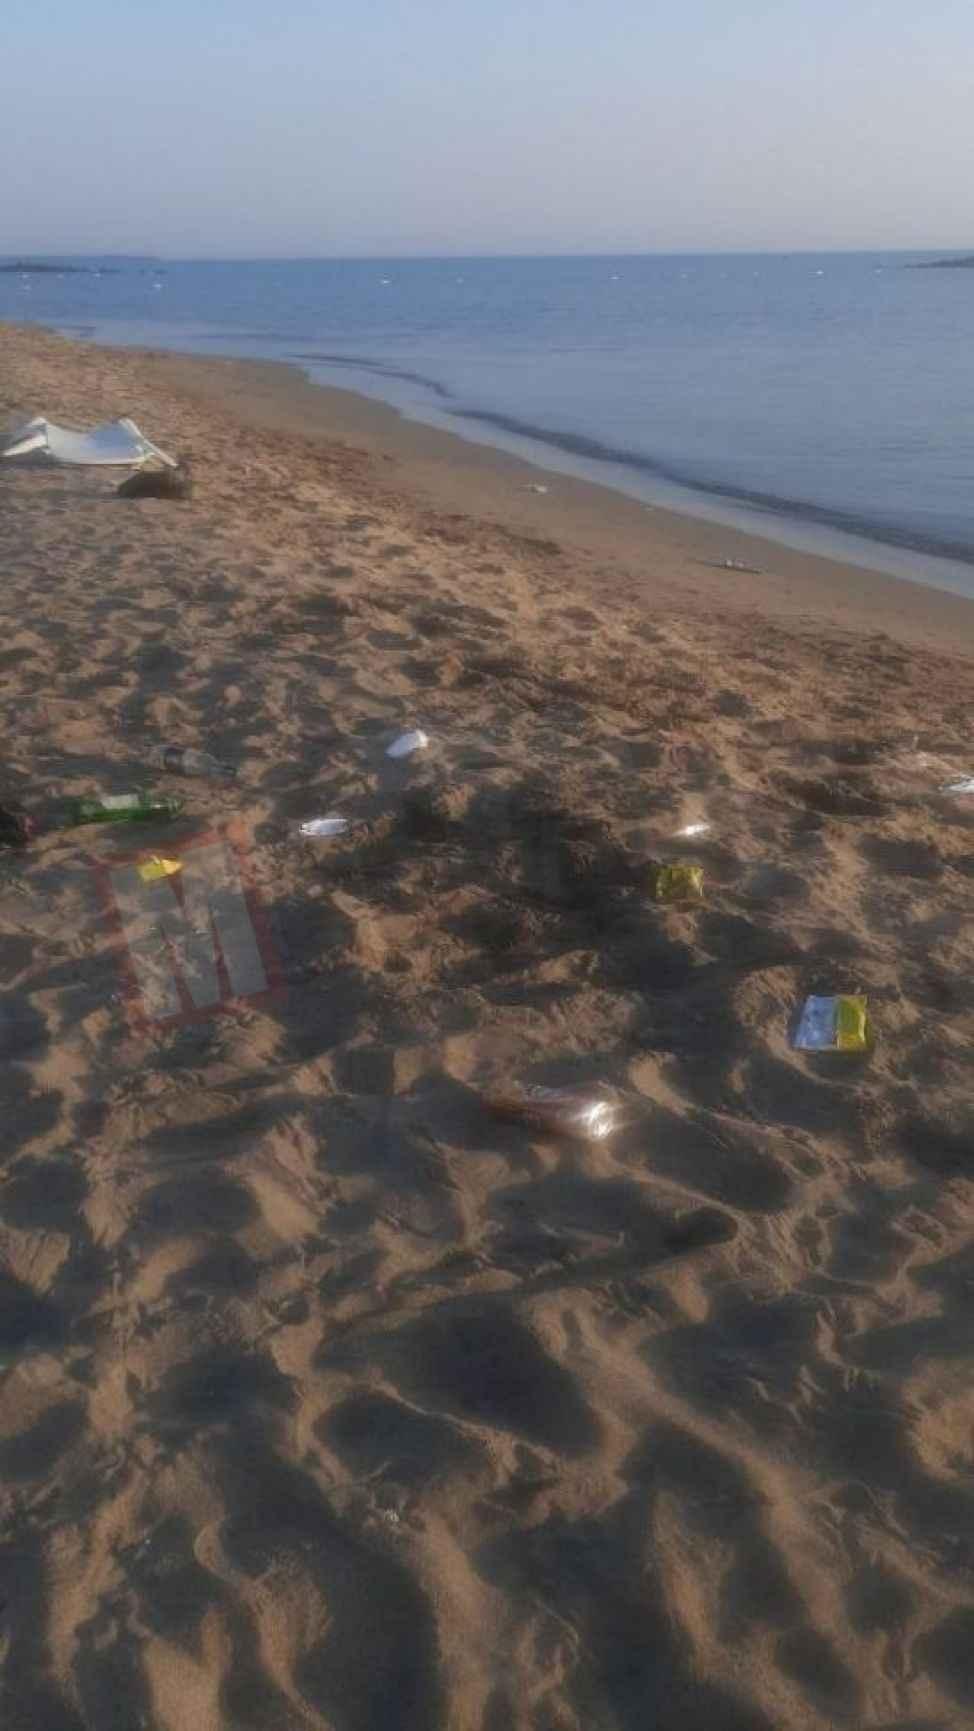 Karasu plajı sahipsiz kaldı! Sahildeki bu görüntü tepki çekti